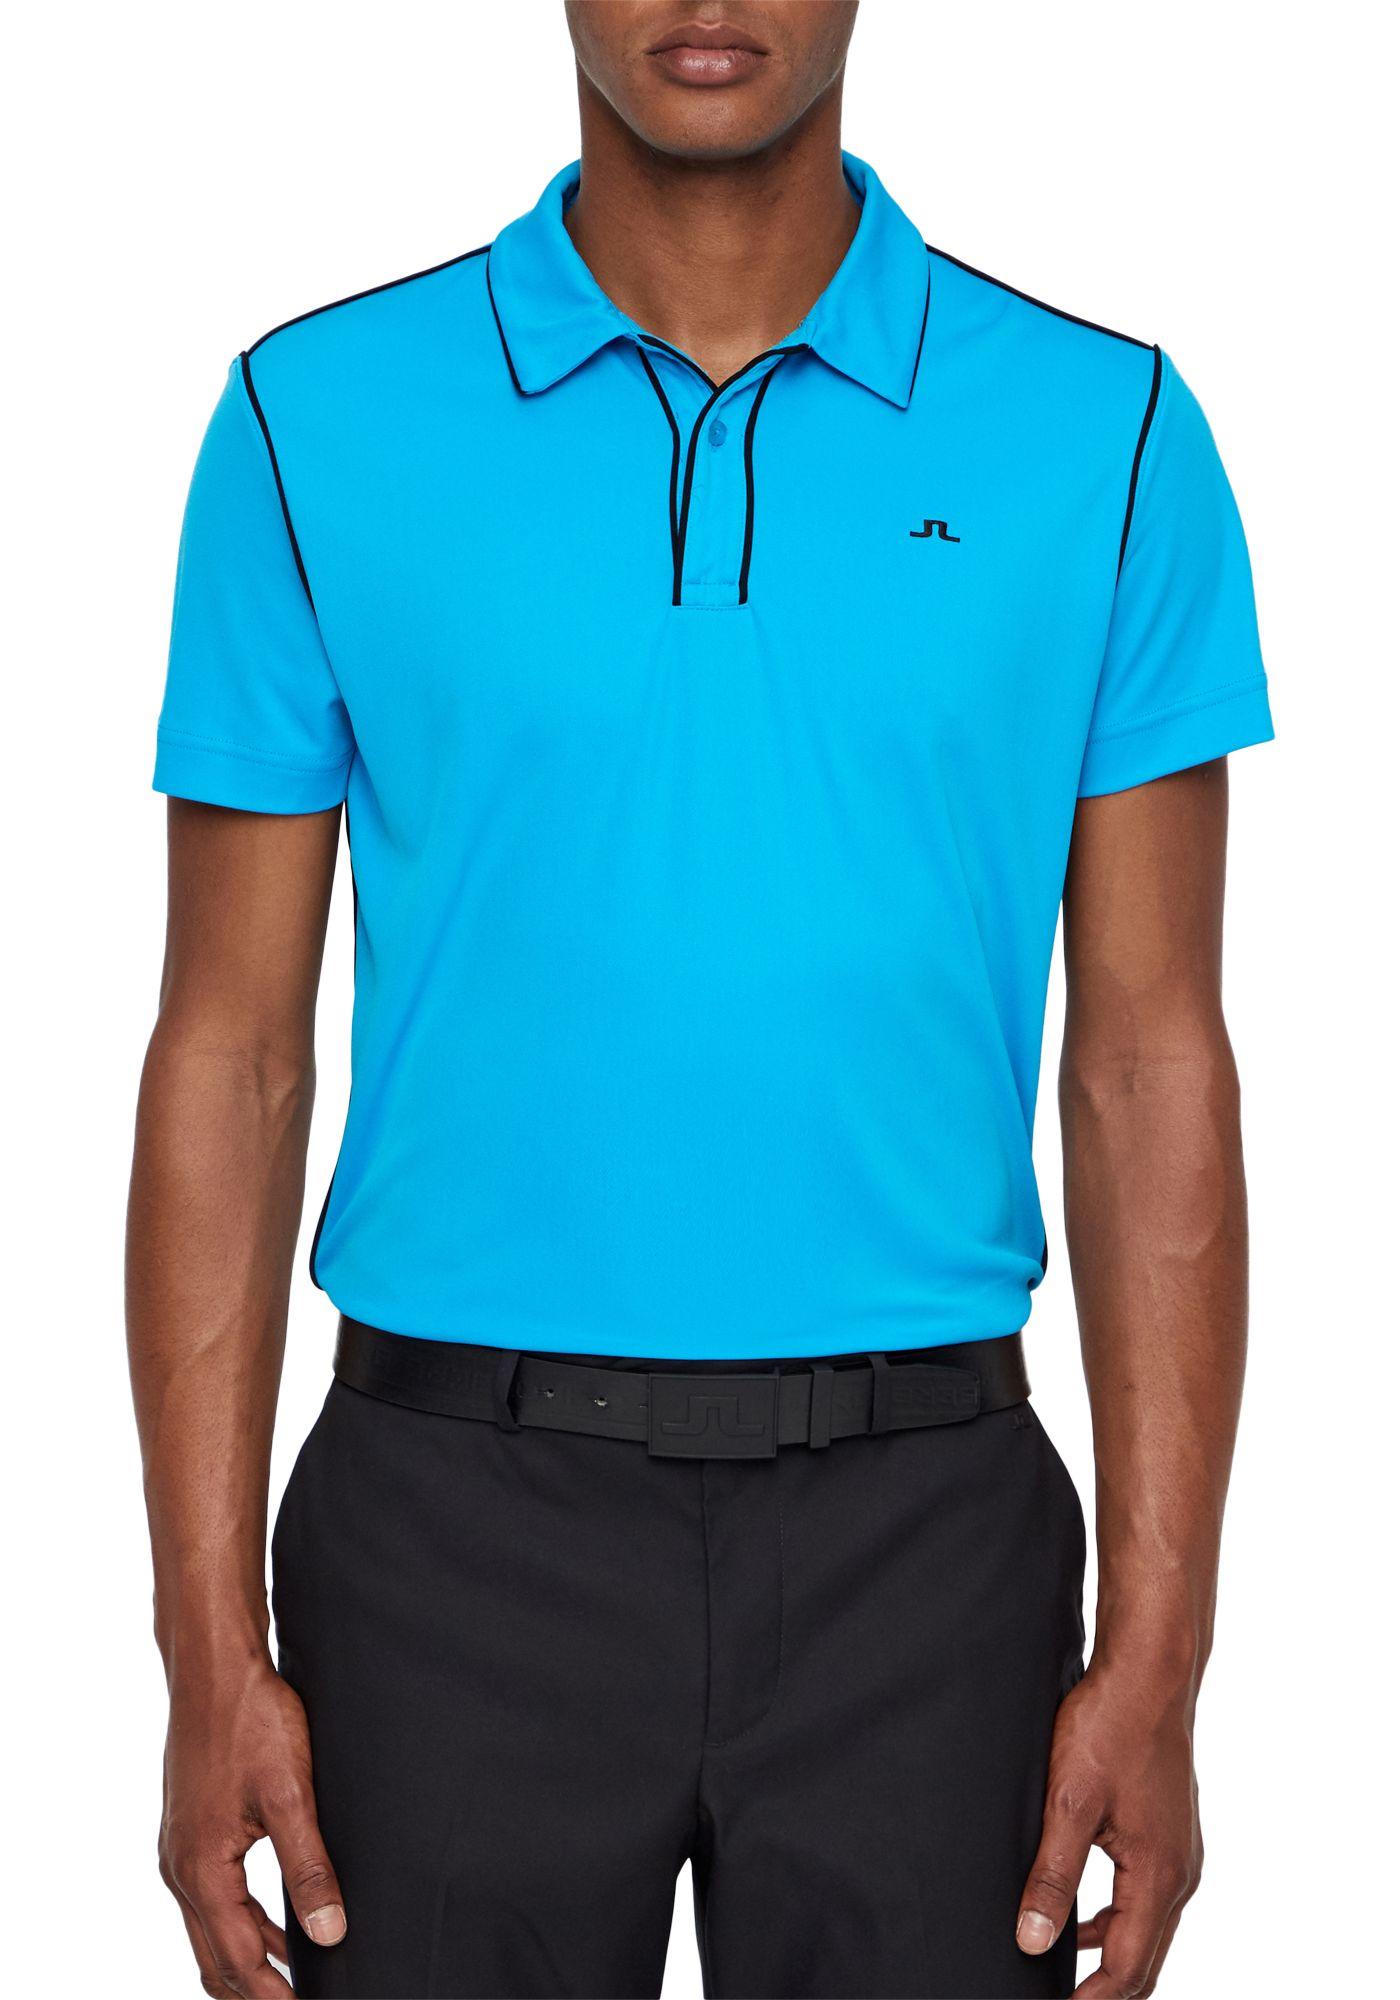 J.Lindeberg Men's Tomi Lux Pique Golf Polo